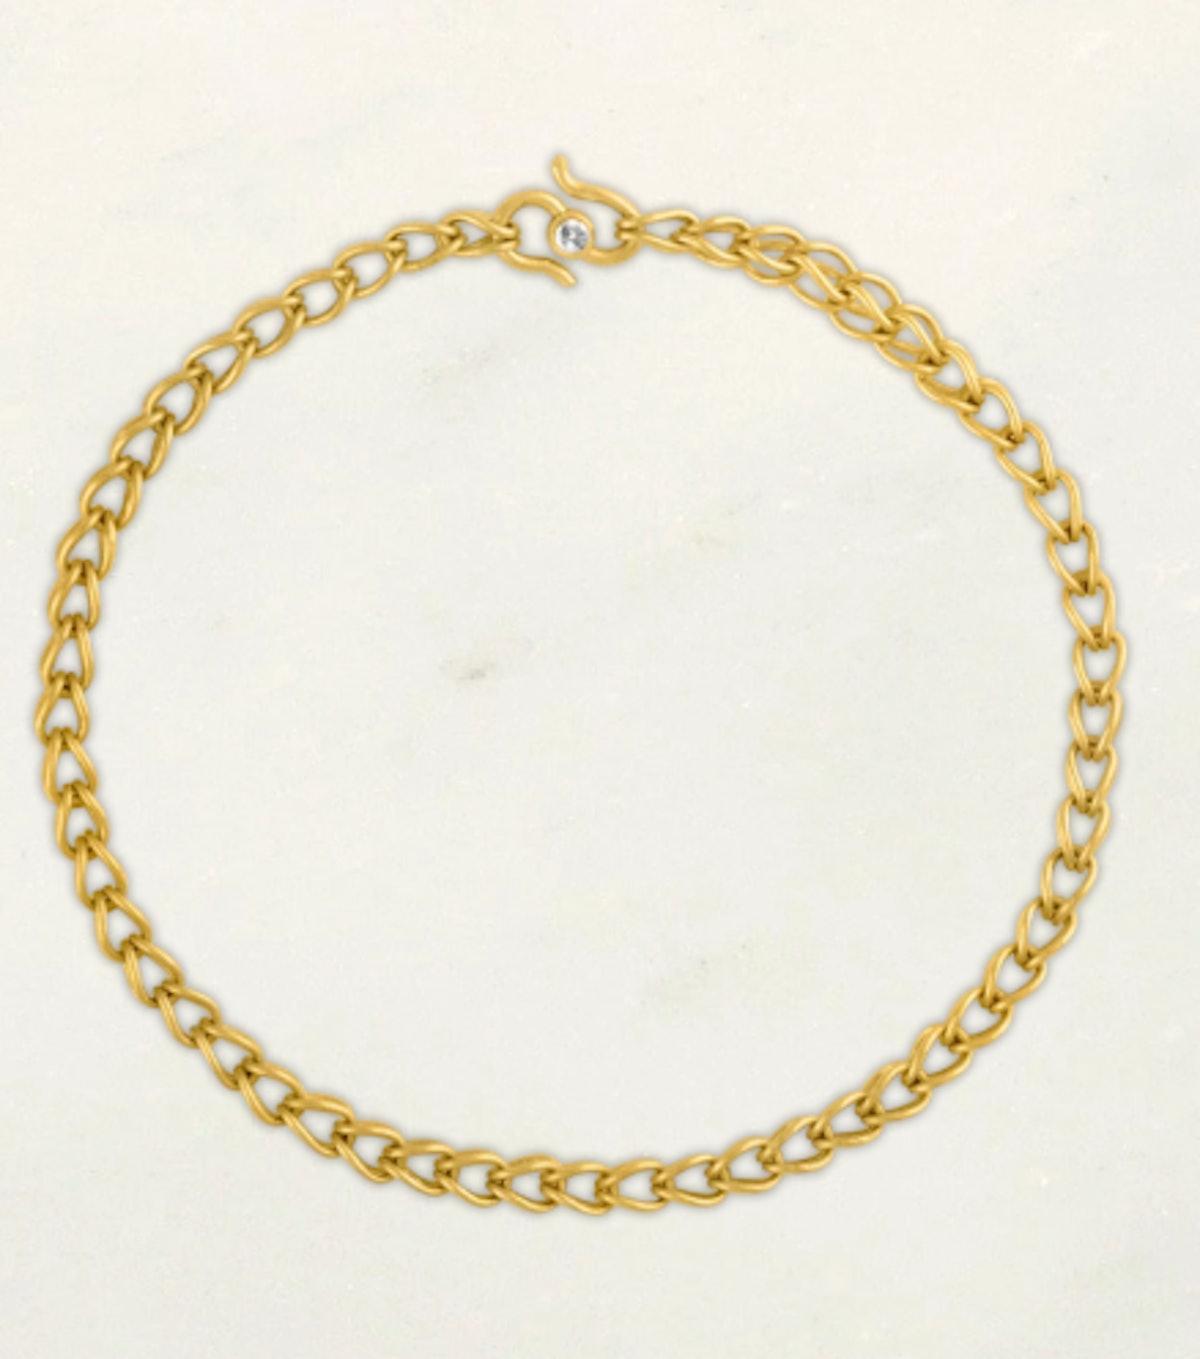 Chain Loop Bracelet